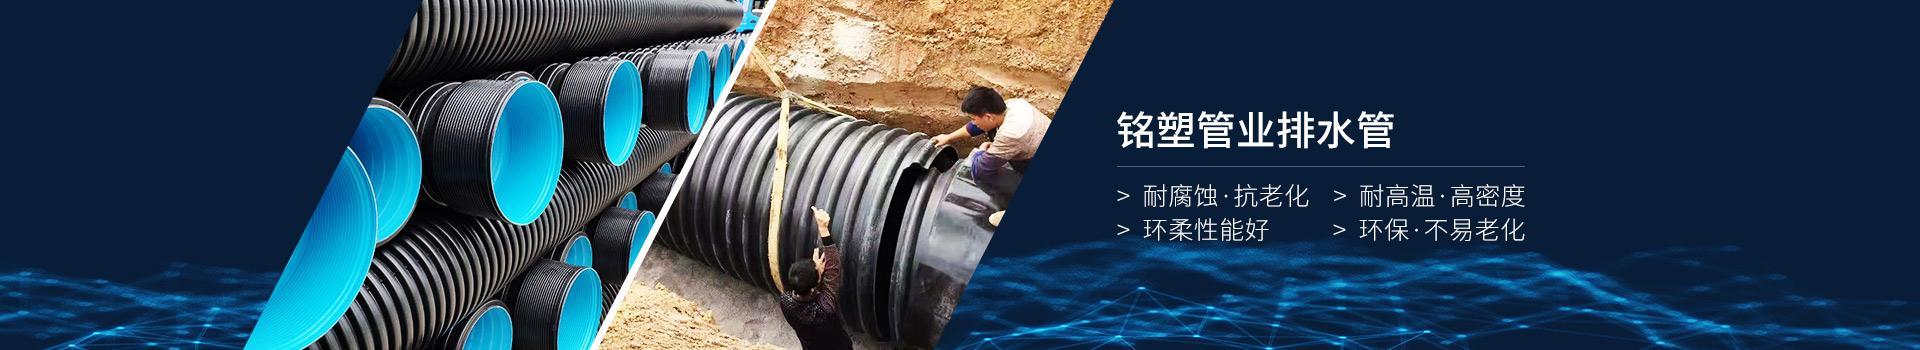 铭塑管业排水管-耐腐蚀、抗老化